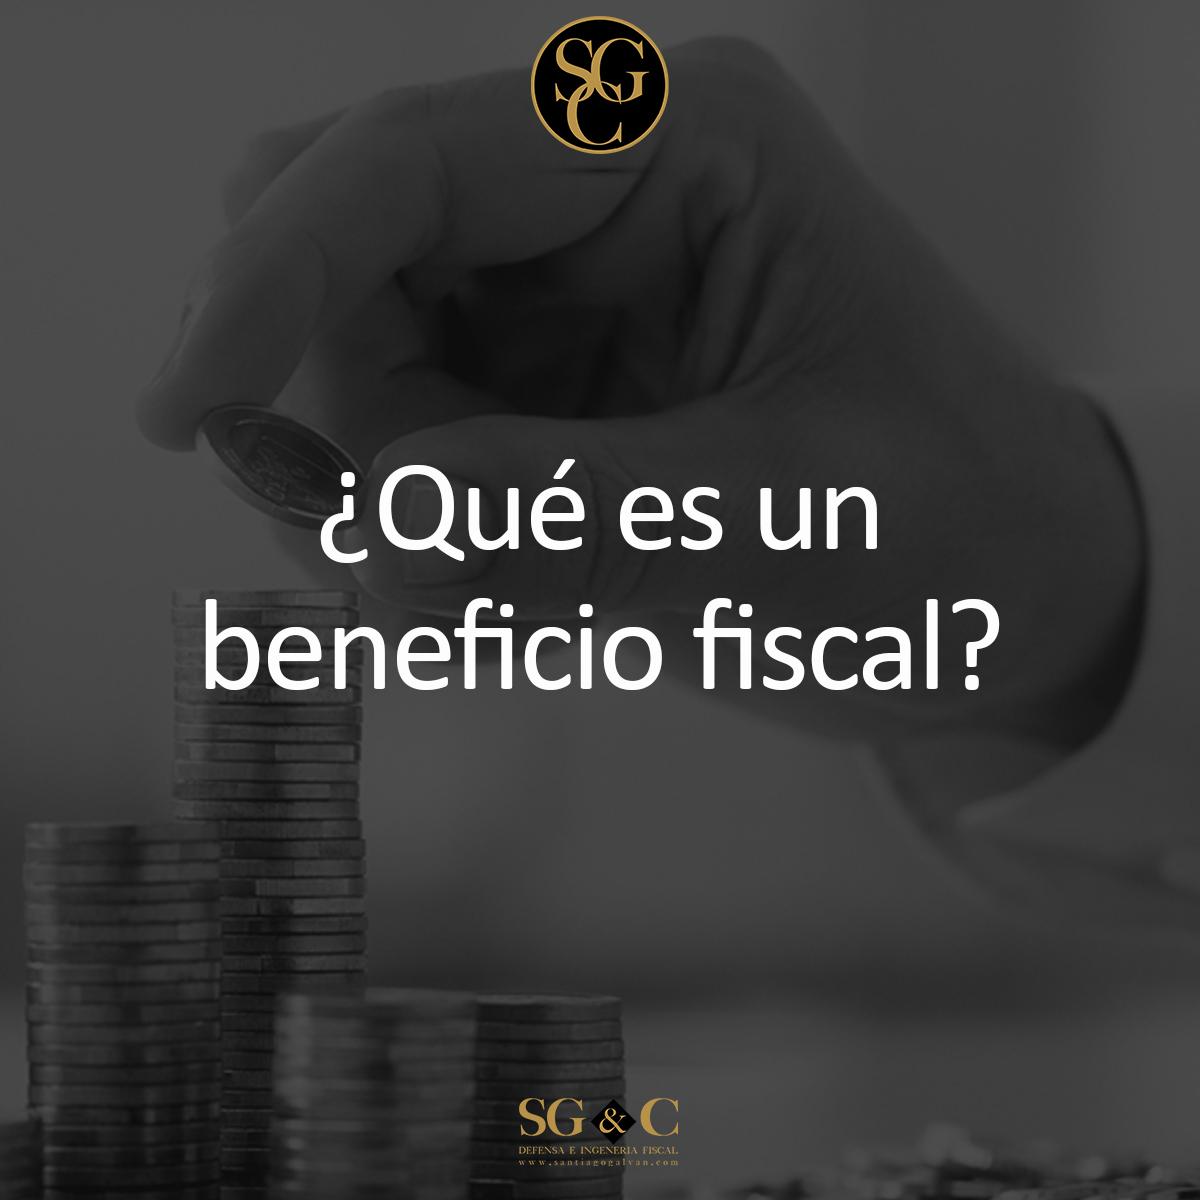 ¿Qué es un beneficio fiscal?